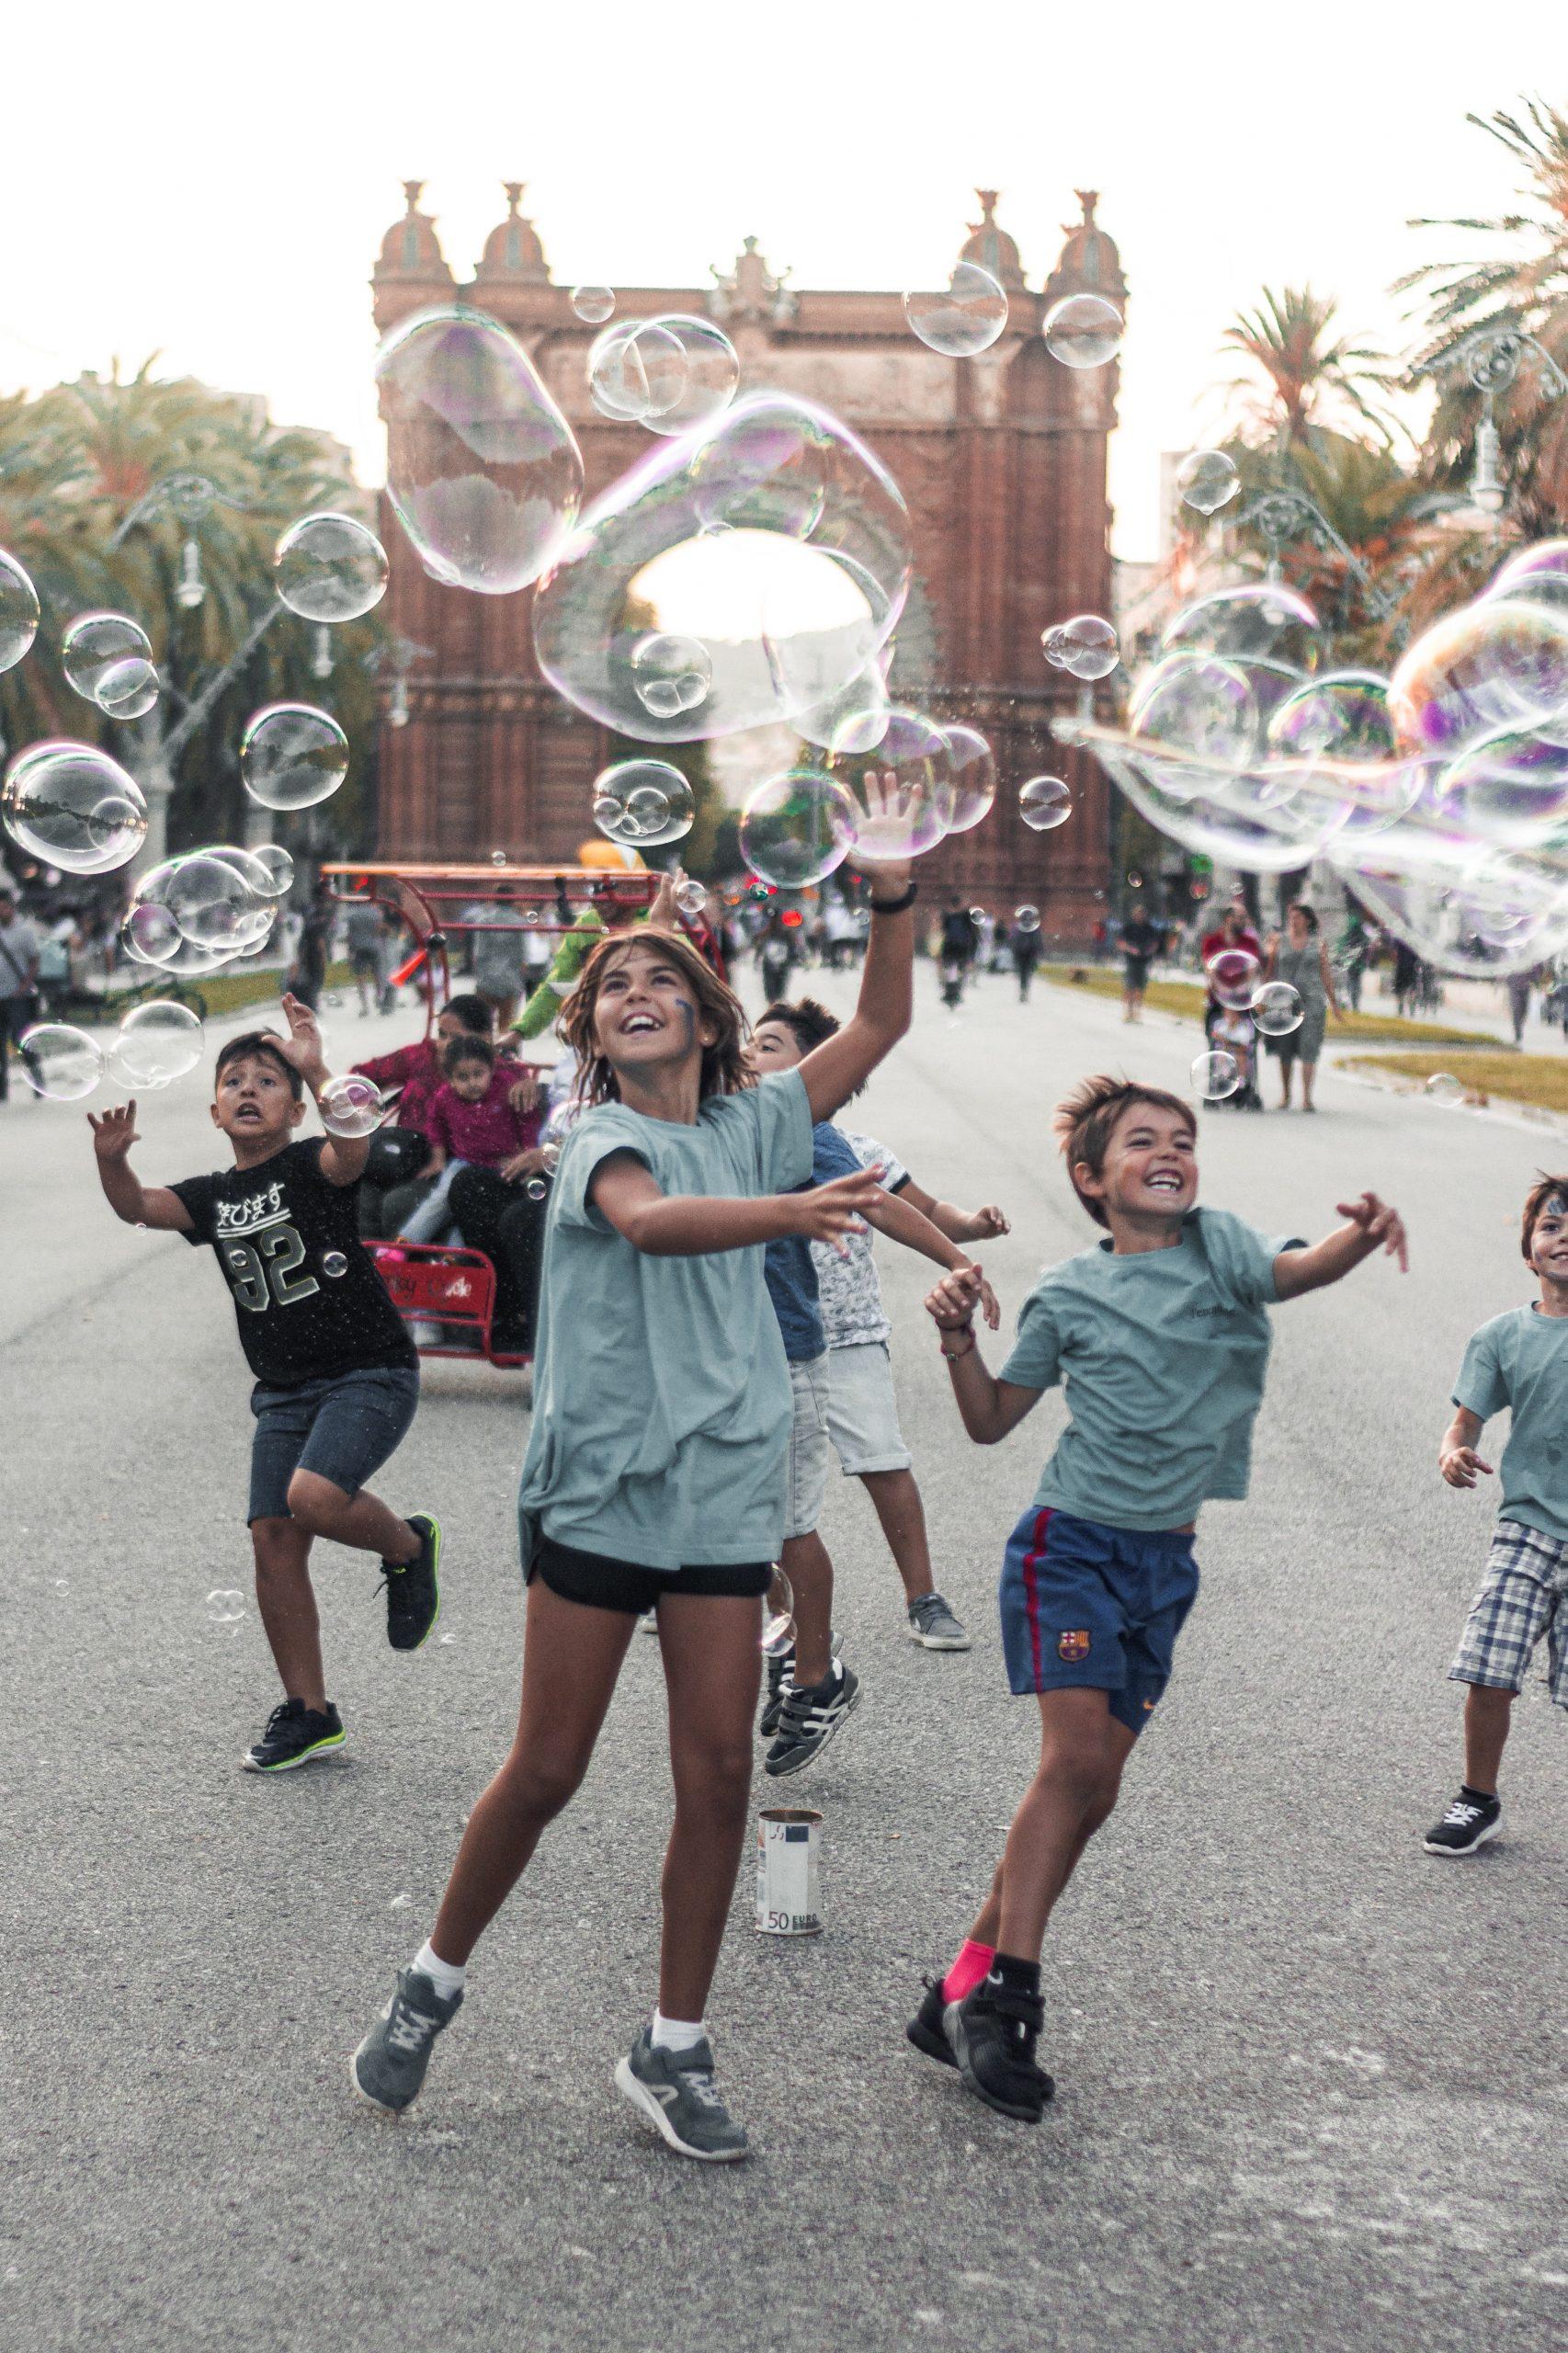 DE NYA AFFÄRSMODELLERNAS GOTT OCH BLANDAT: Det bubblar överallt